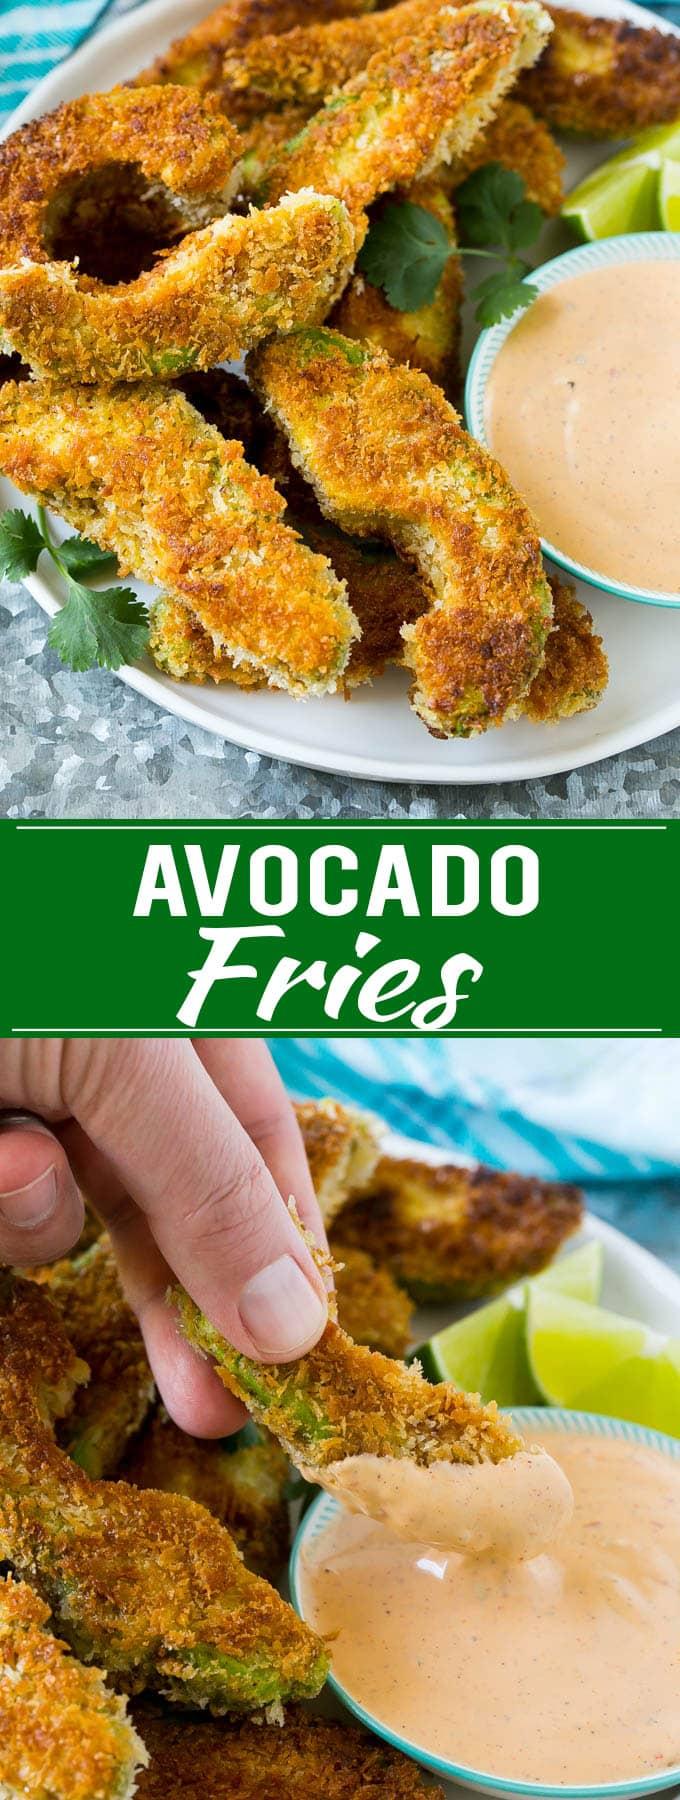 Avocado Fries Recipe   Fried Avocado   Avocado Fritters